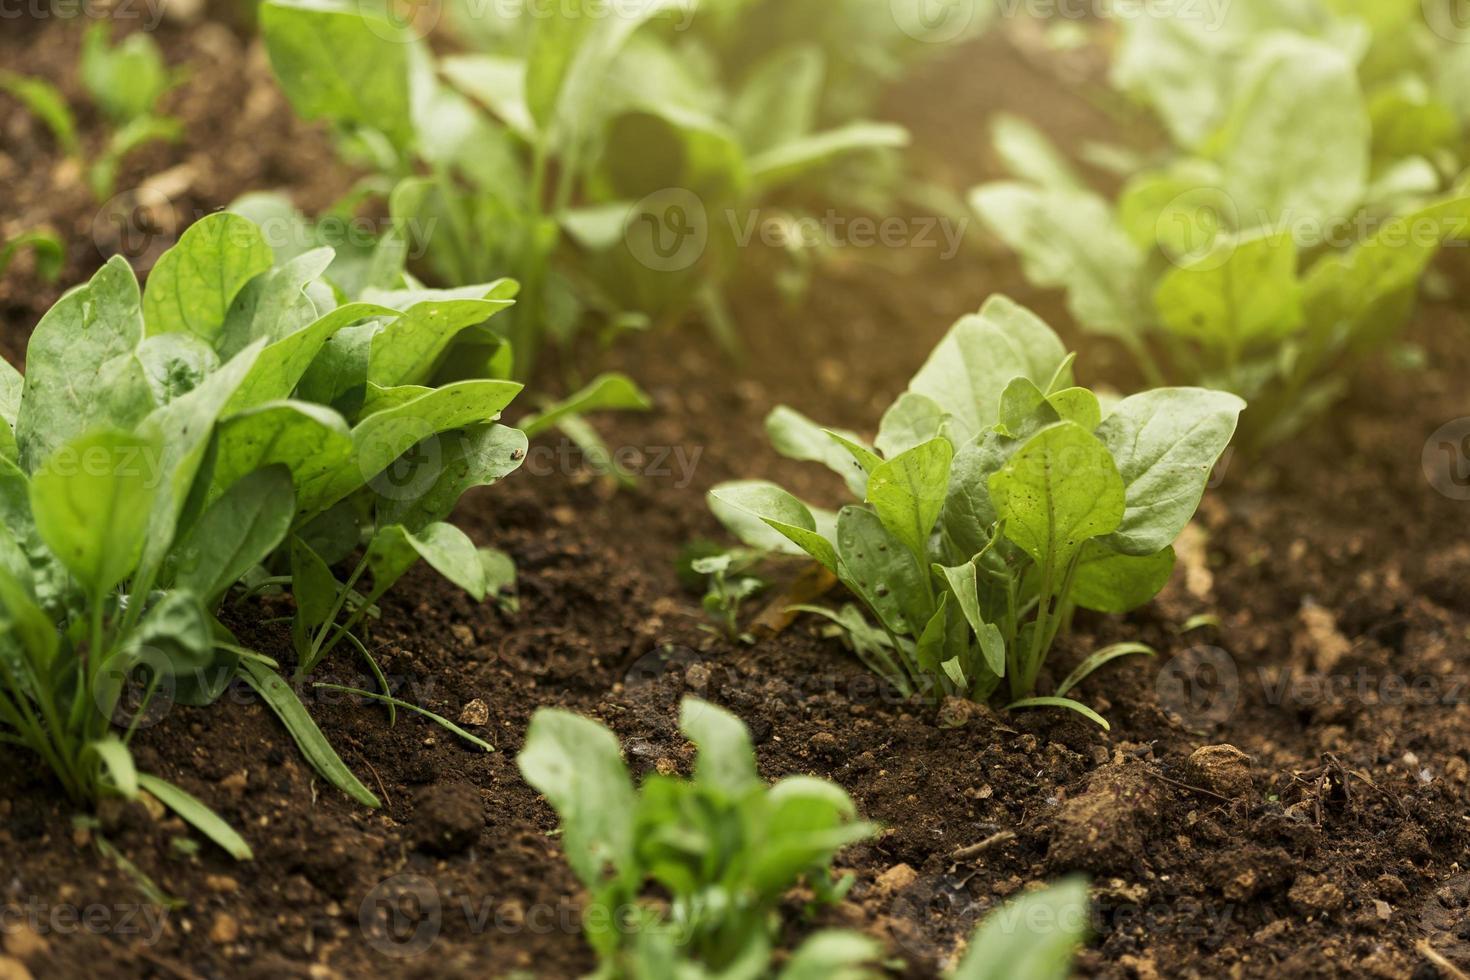 Hochwinkelpflanzen mit grünen Blättern foto